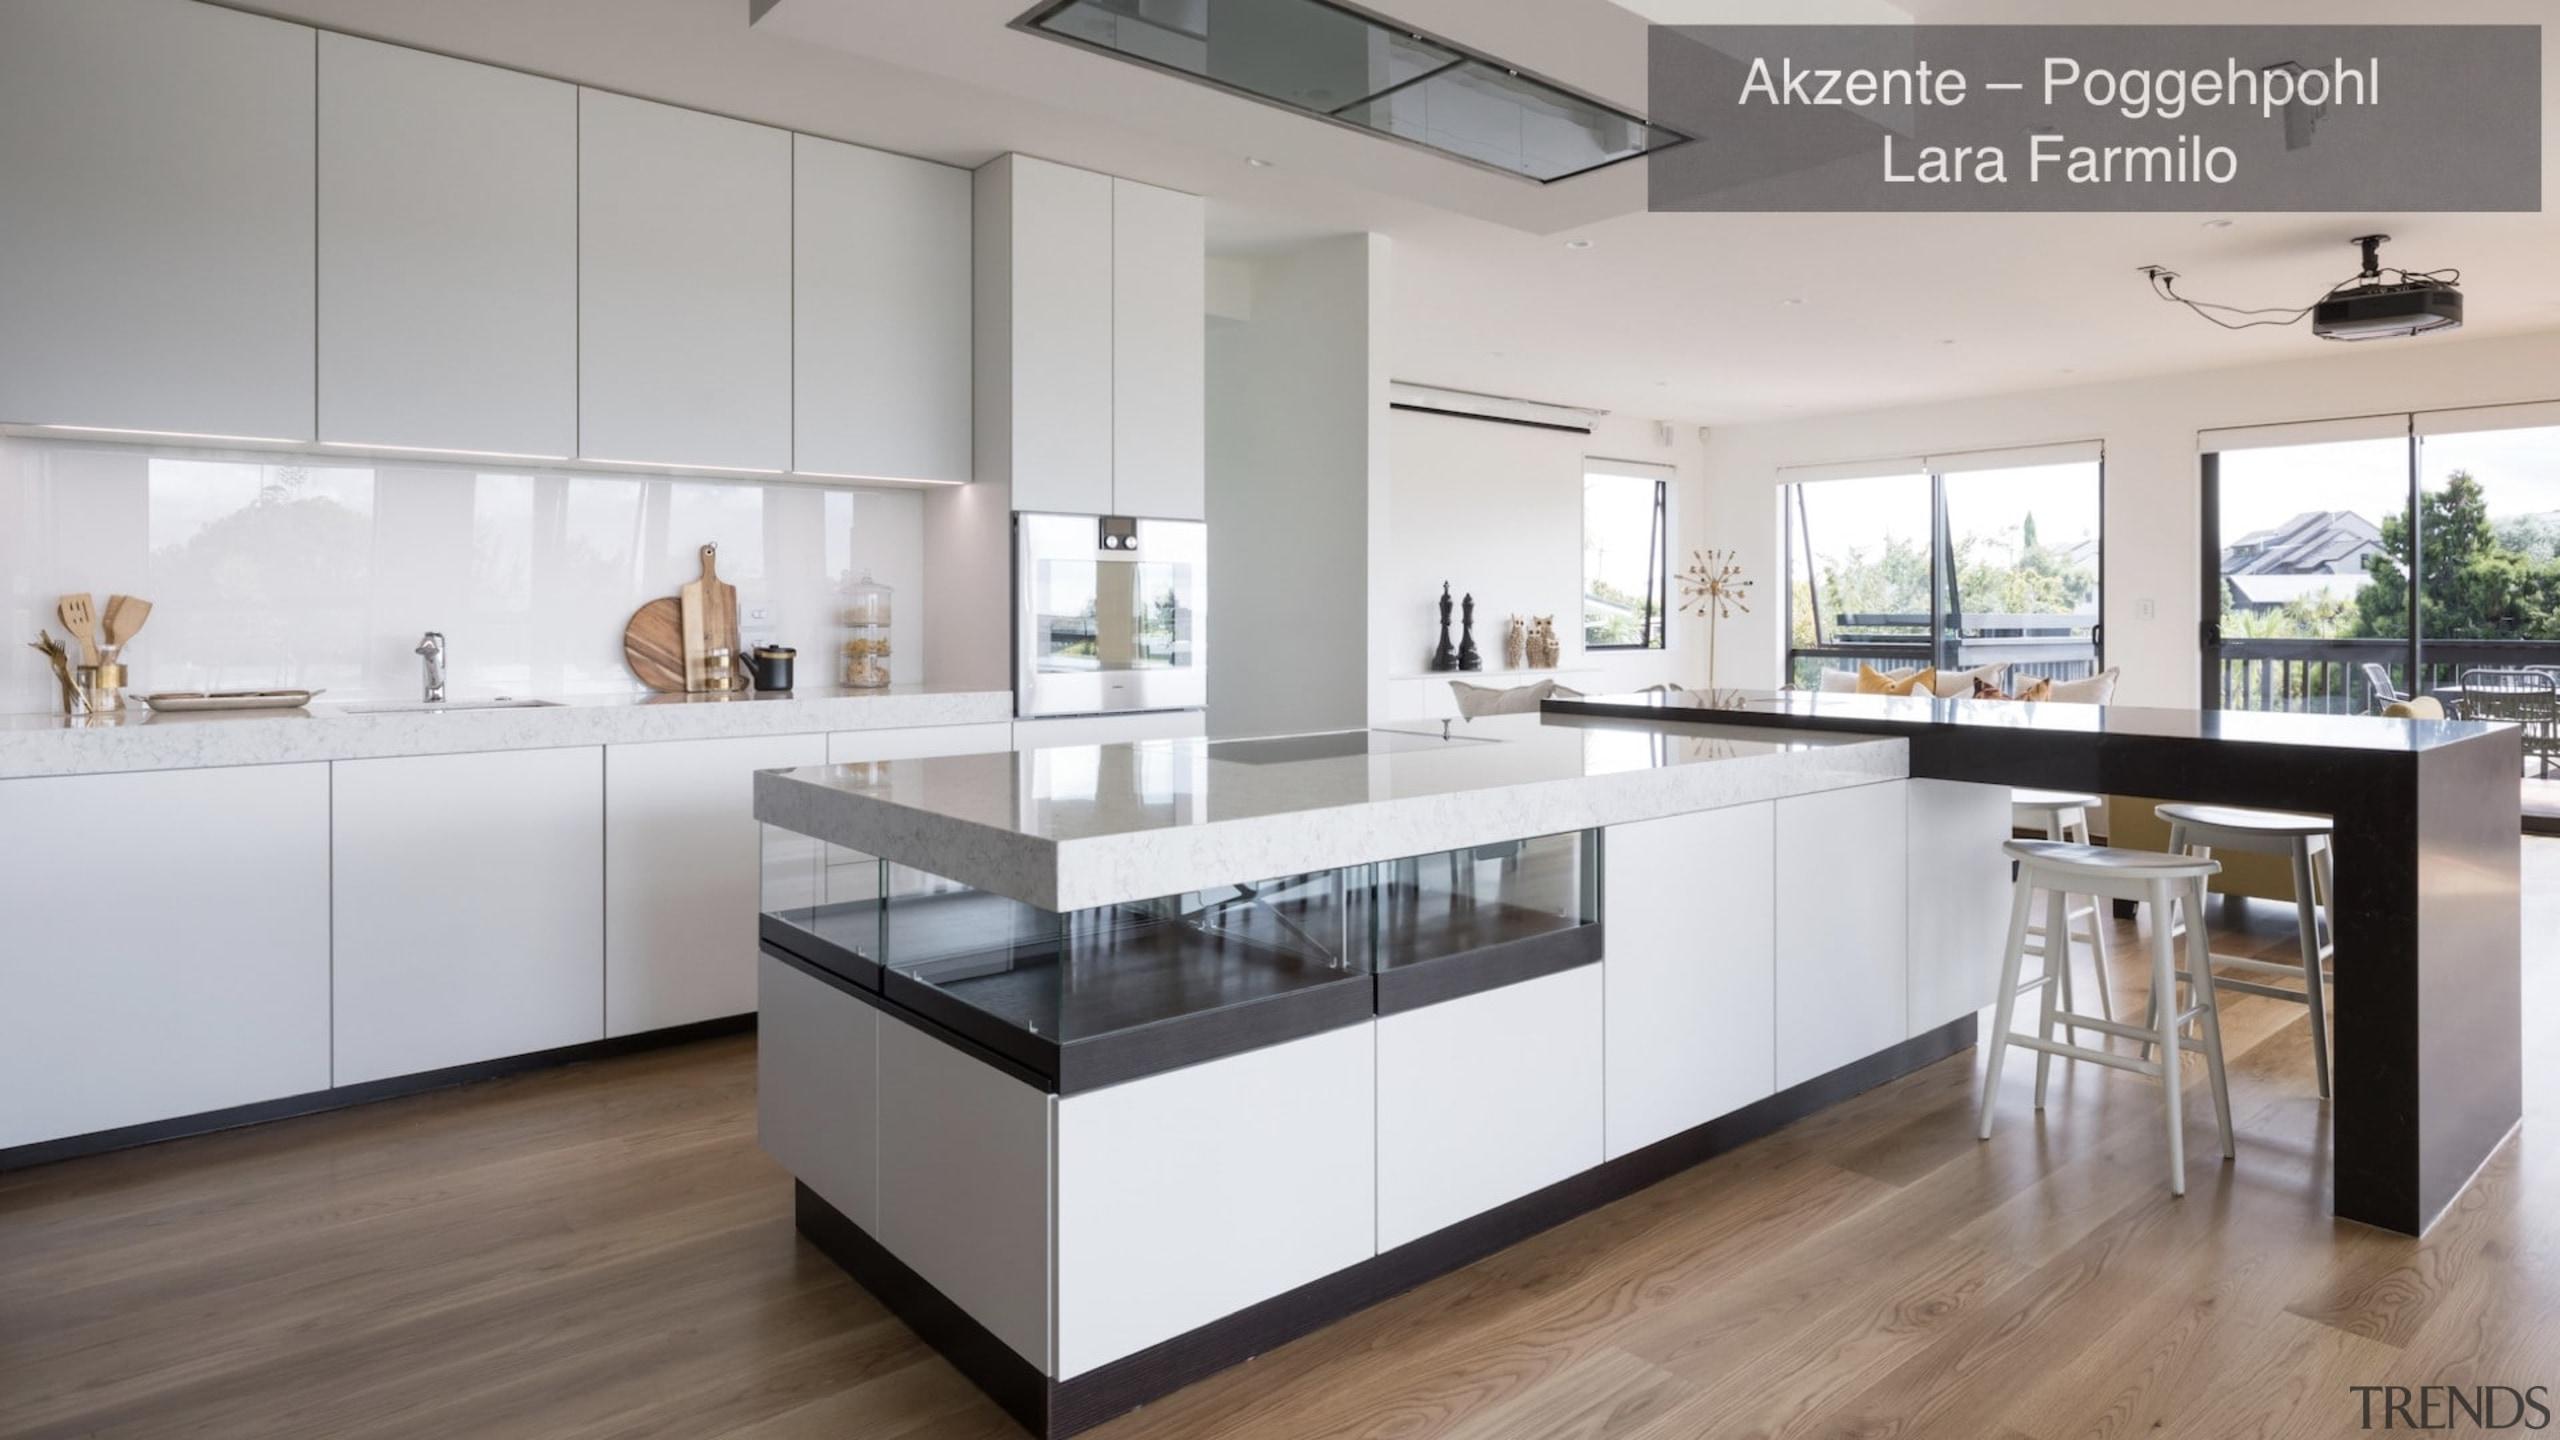 Highly Commended – Akzente/Poggenpohl Lara Farmilo – Tida countertop, cuisine classique, floor, interior design, kitchen, real estate, gray, white